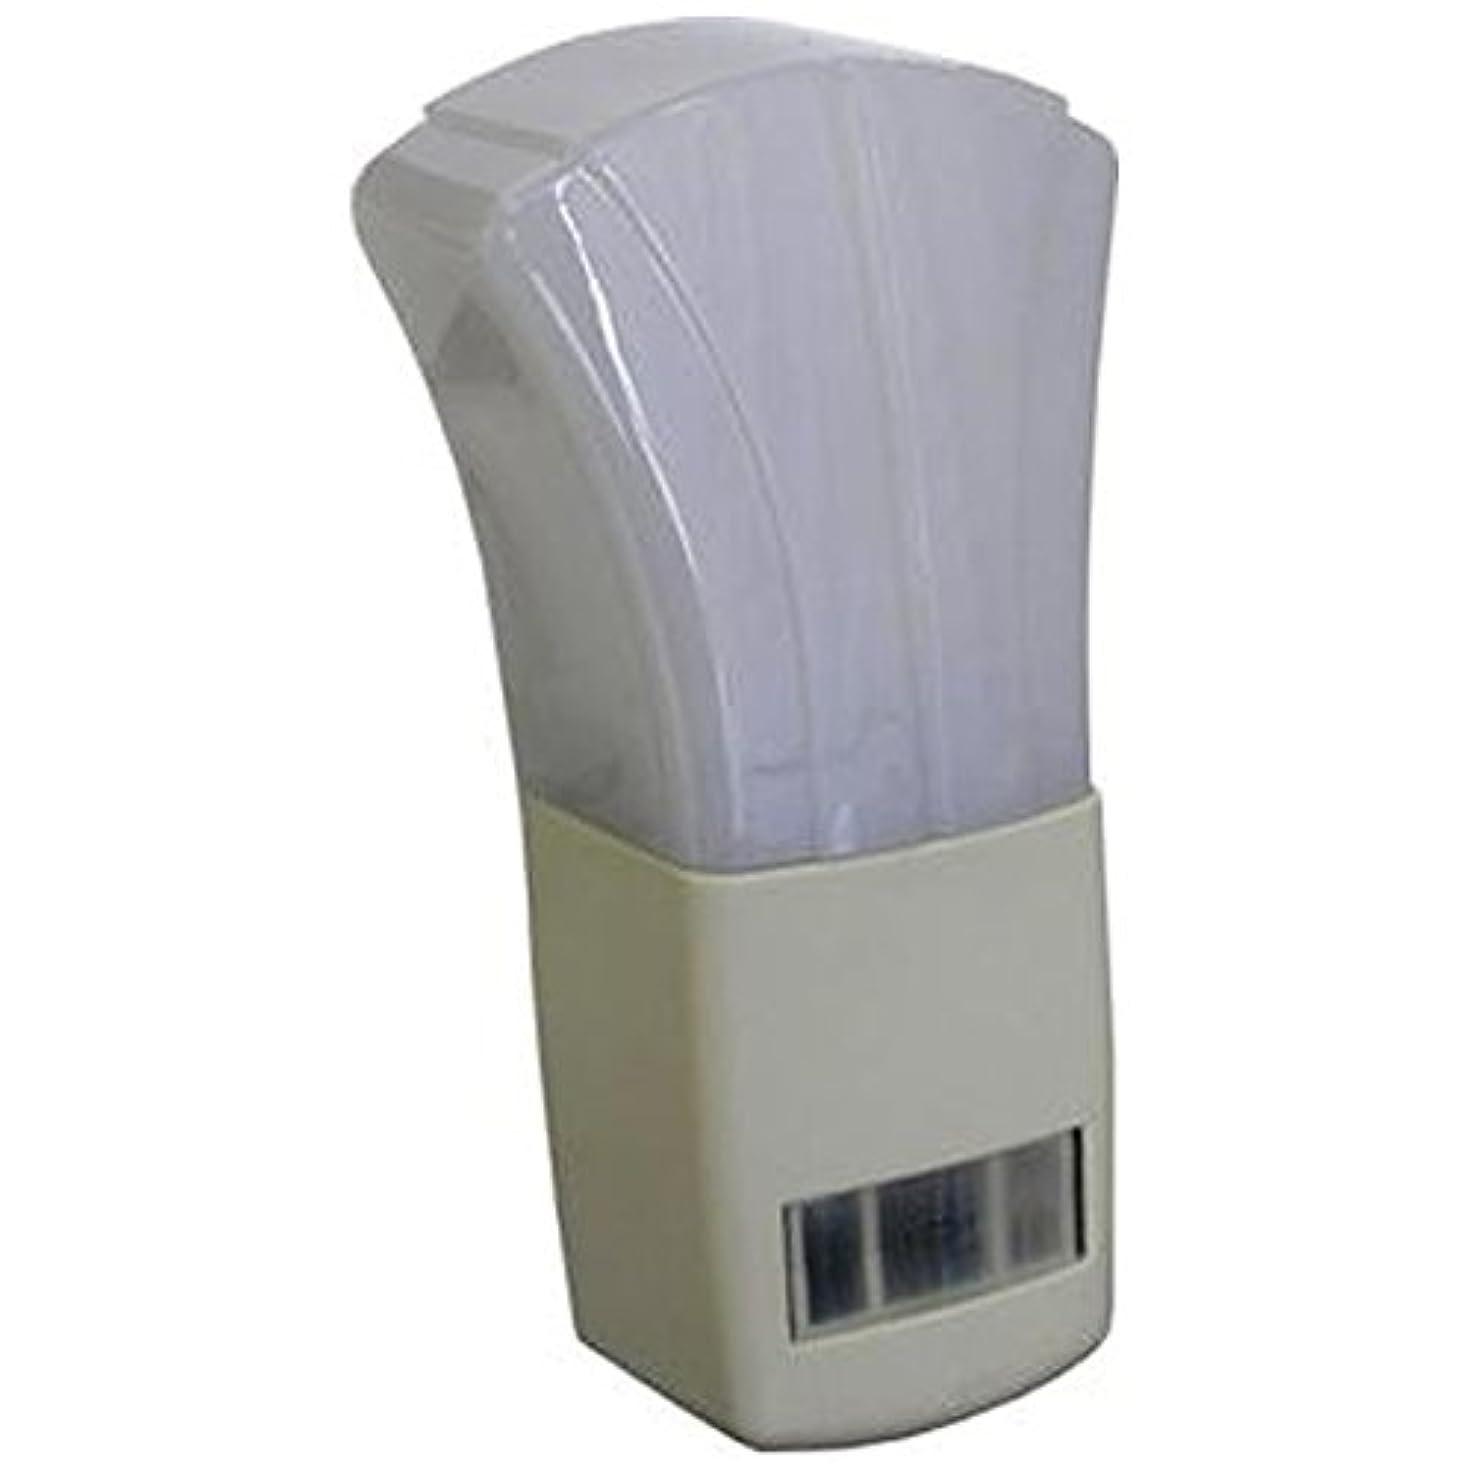 のれん特異性シャーロットブロンテオーム電機(Ohm Electric) ナイトライト NL-201